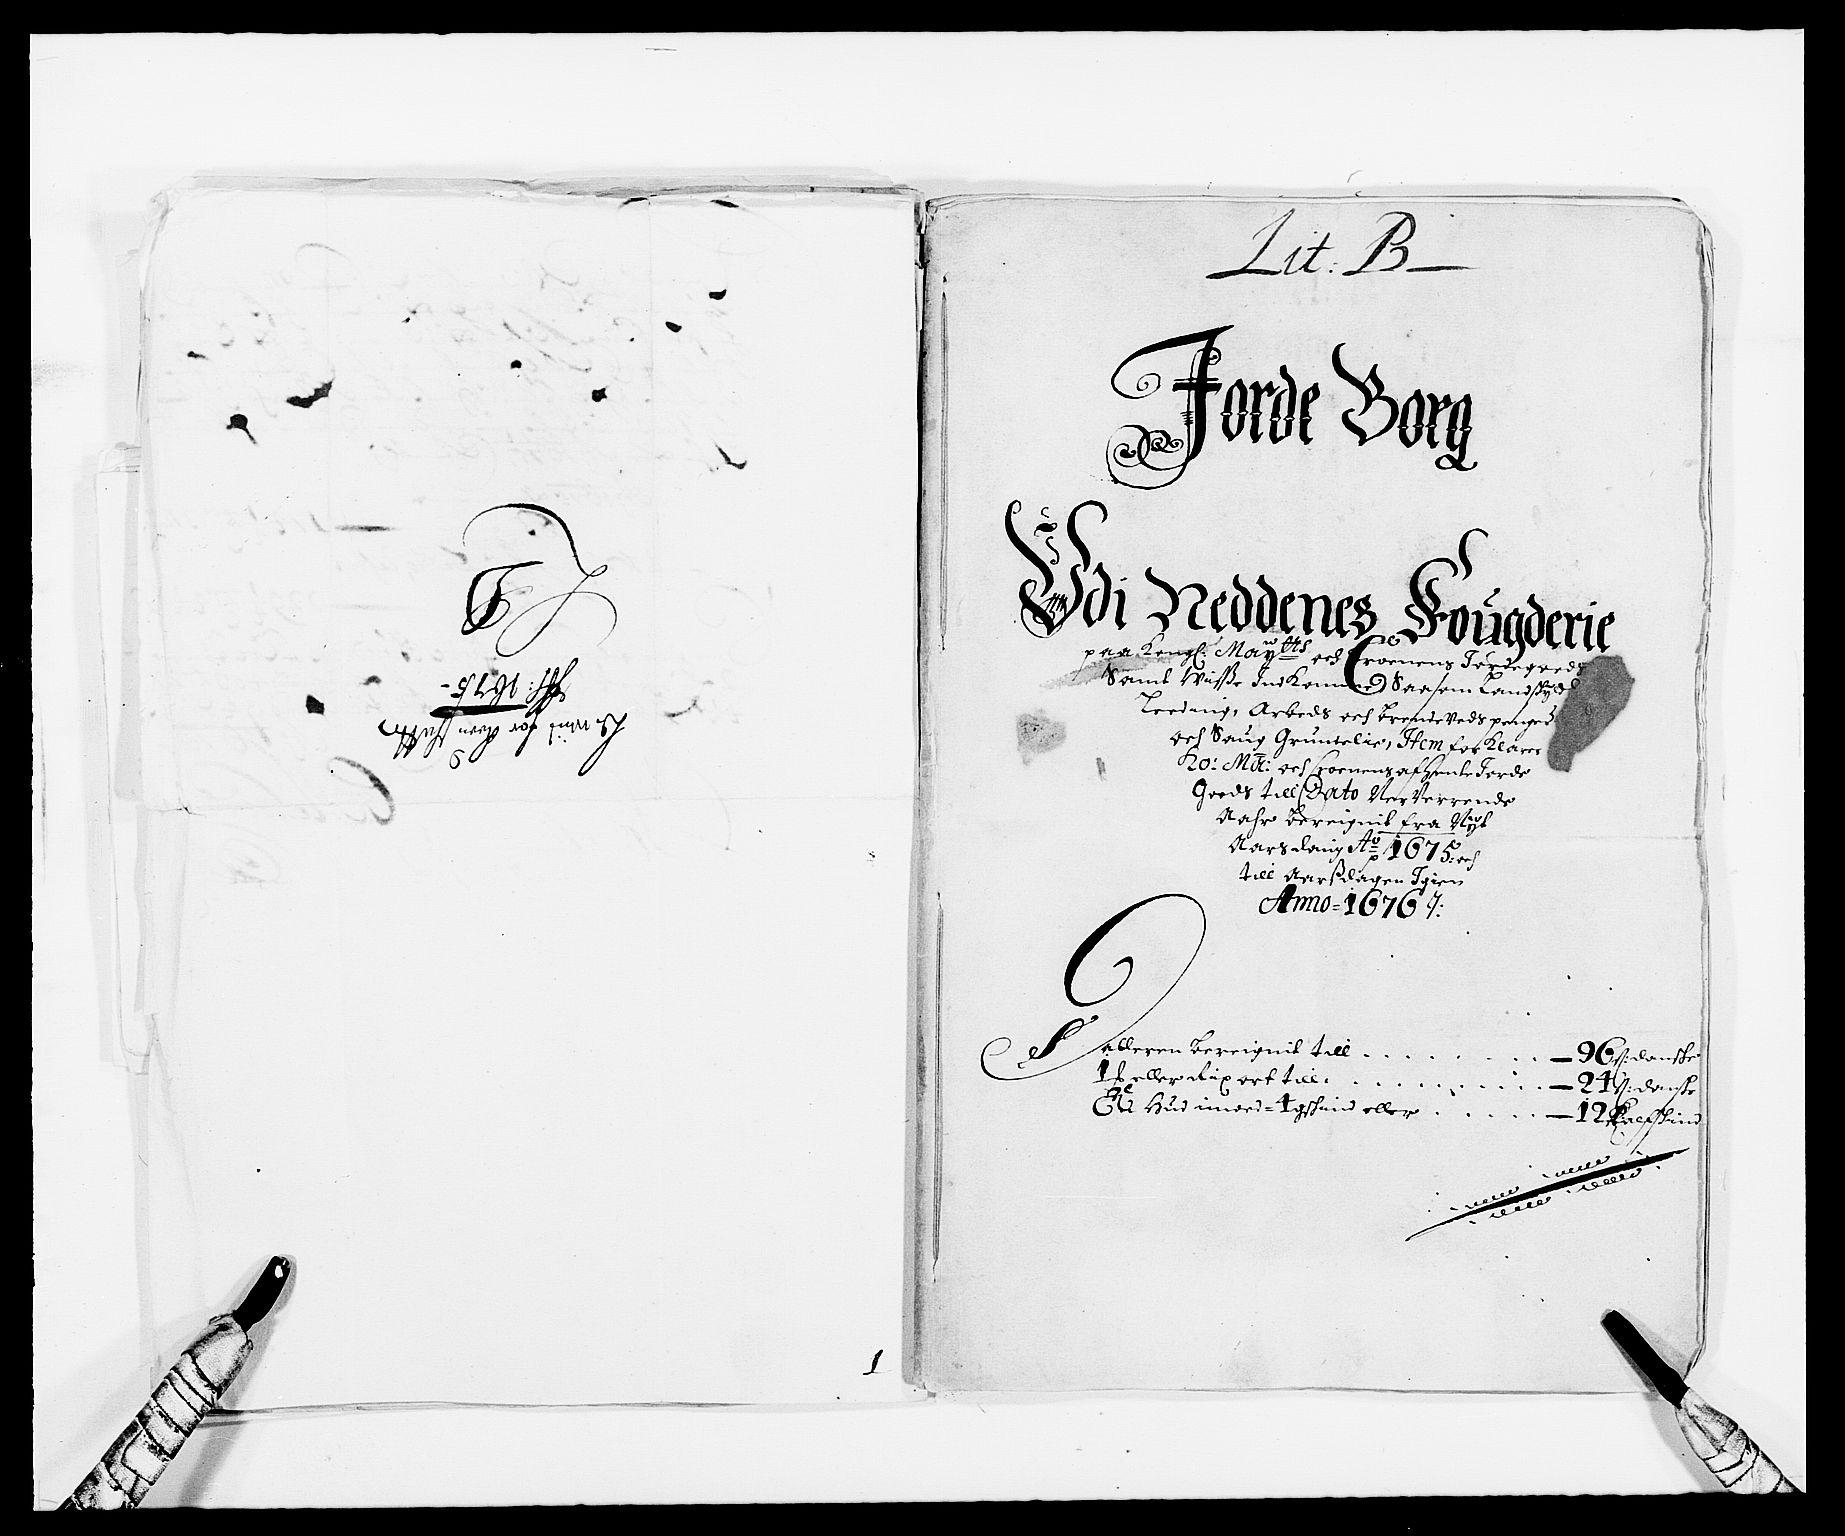 RA, Rentekammeret inntil 1814, Reviderte regnskaper, Fogderegnskap, R39/L2301: Fogderegnskap Nedenes, 1675-1676, s. 24